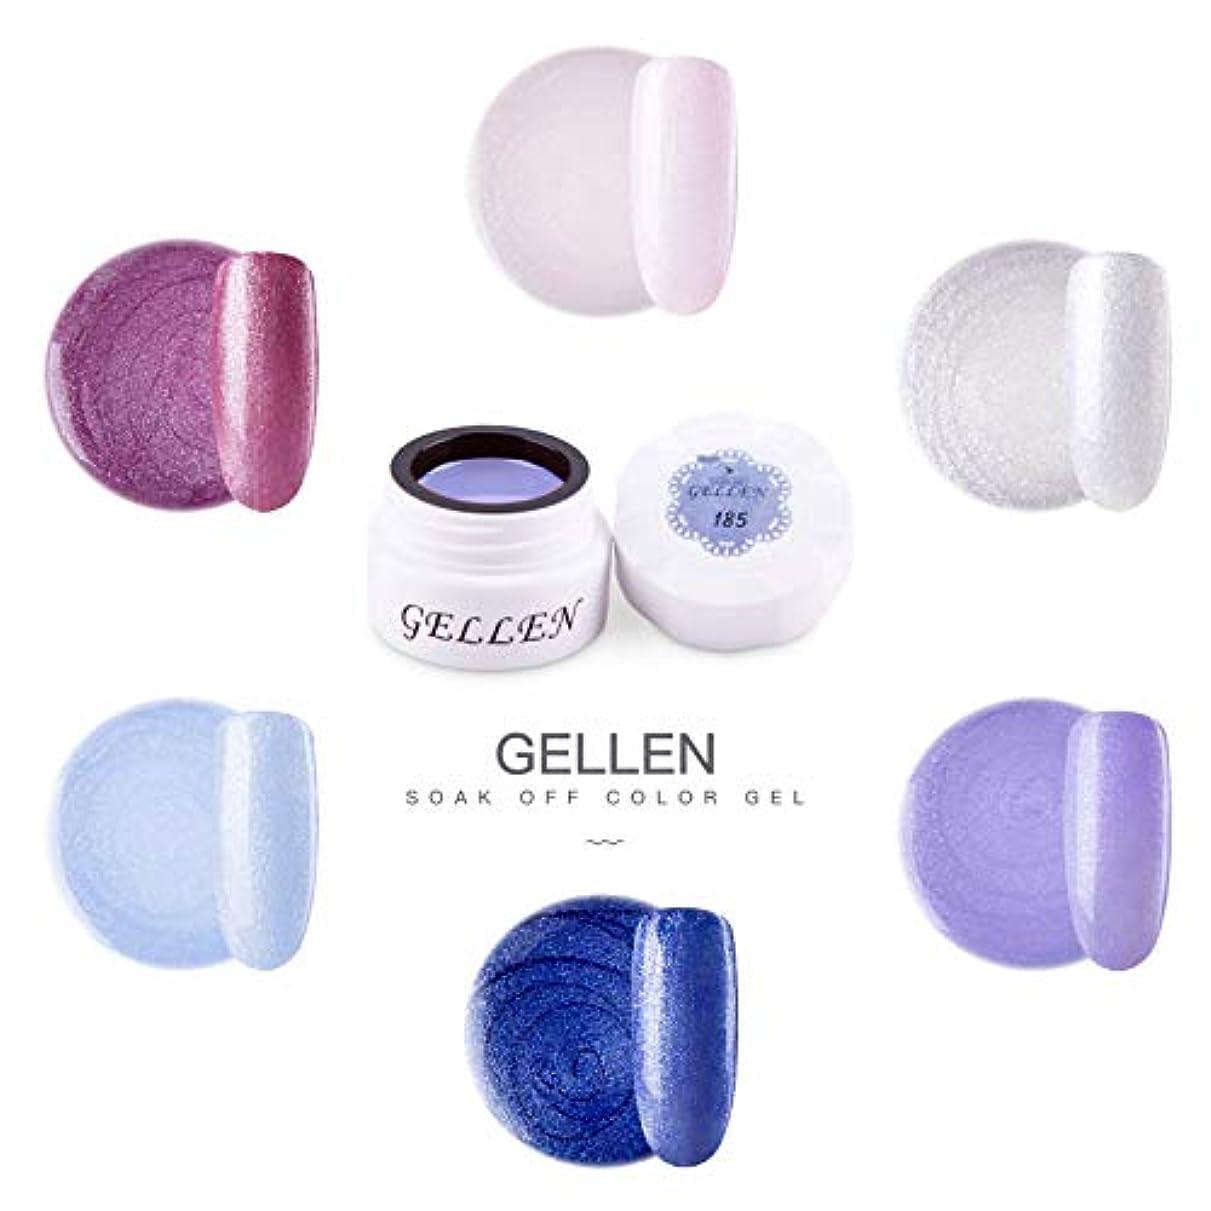 ハントトーナメントピカリングGellen カラージェル 6色 セット[パール カラー系]高品質 5g ジェルネイル カラー ネイルブラシ付き